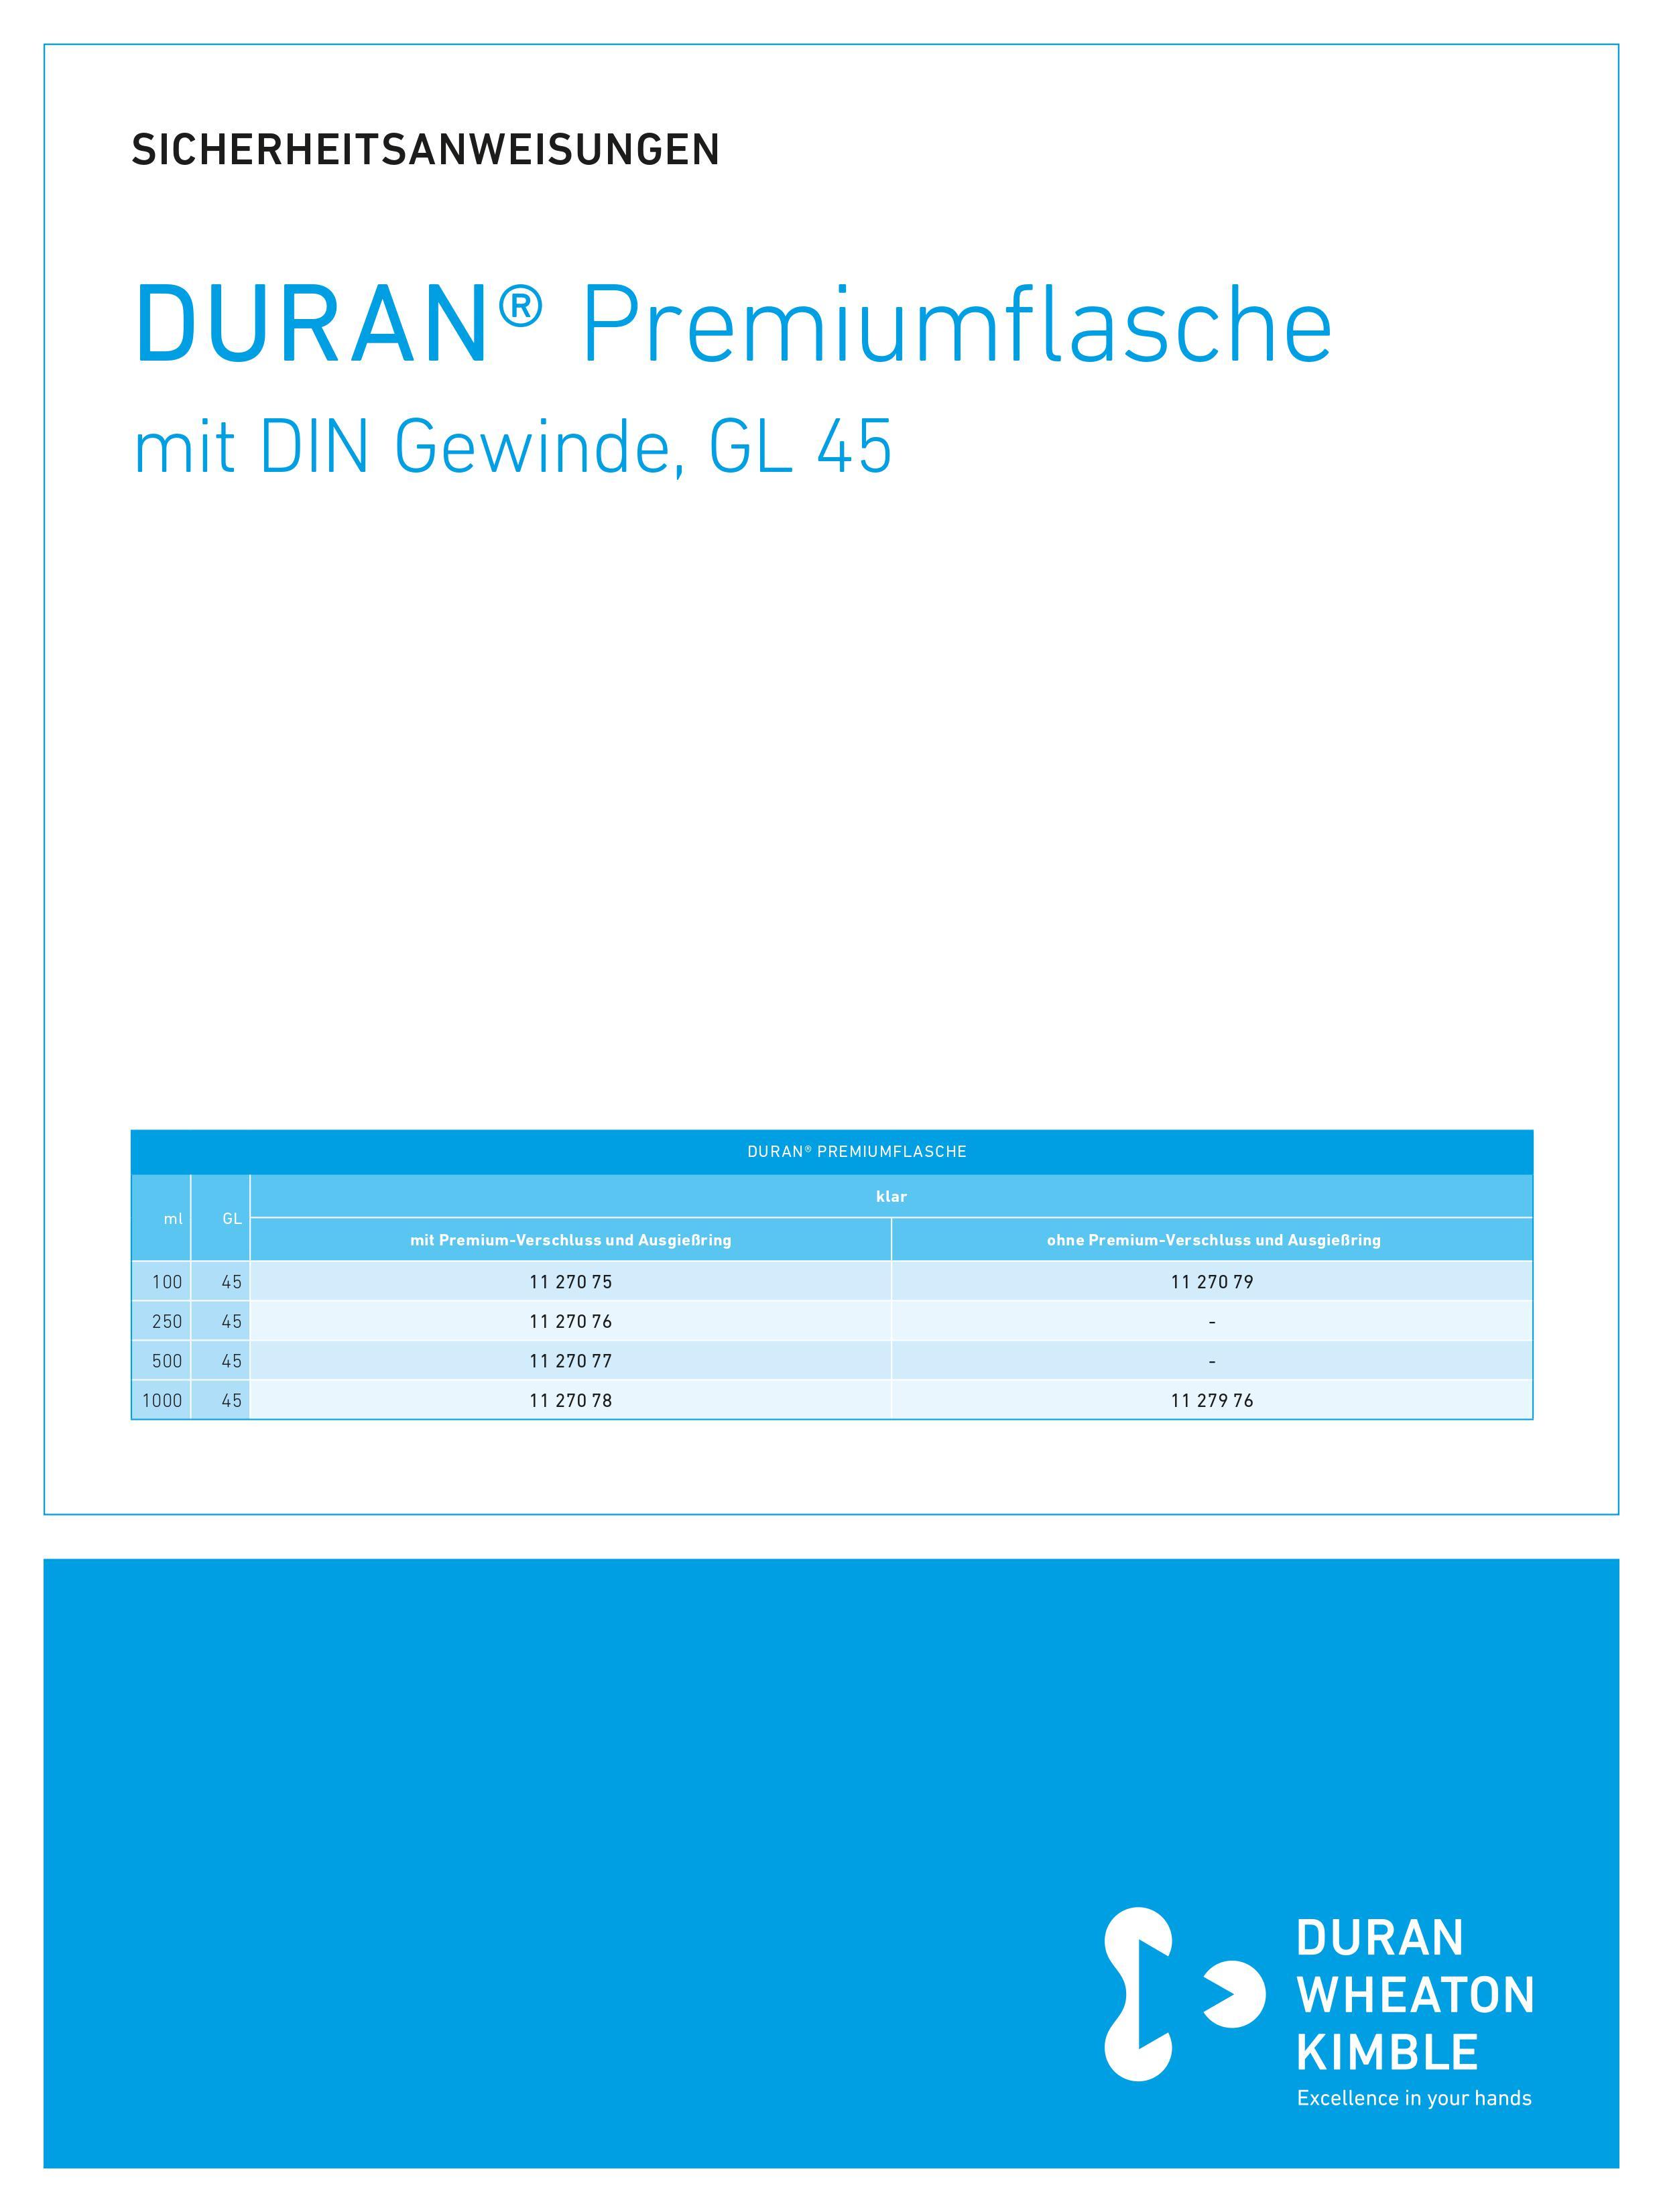 DWK SICHERHEITSANWEISUNGEN DURAN® Premium Bottle